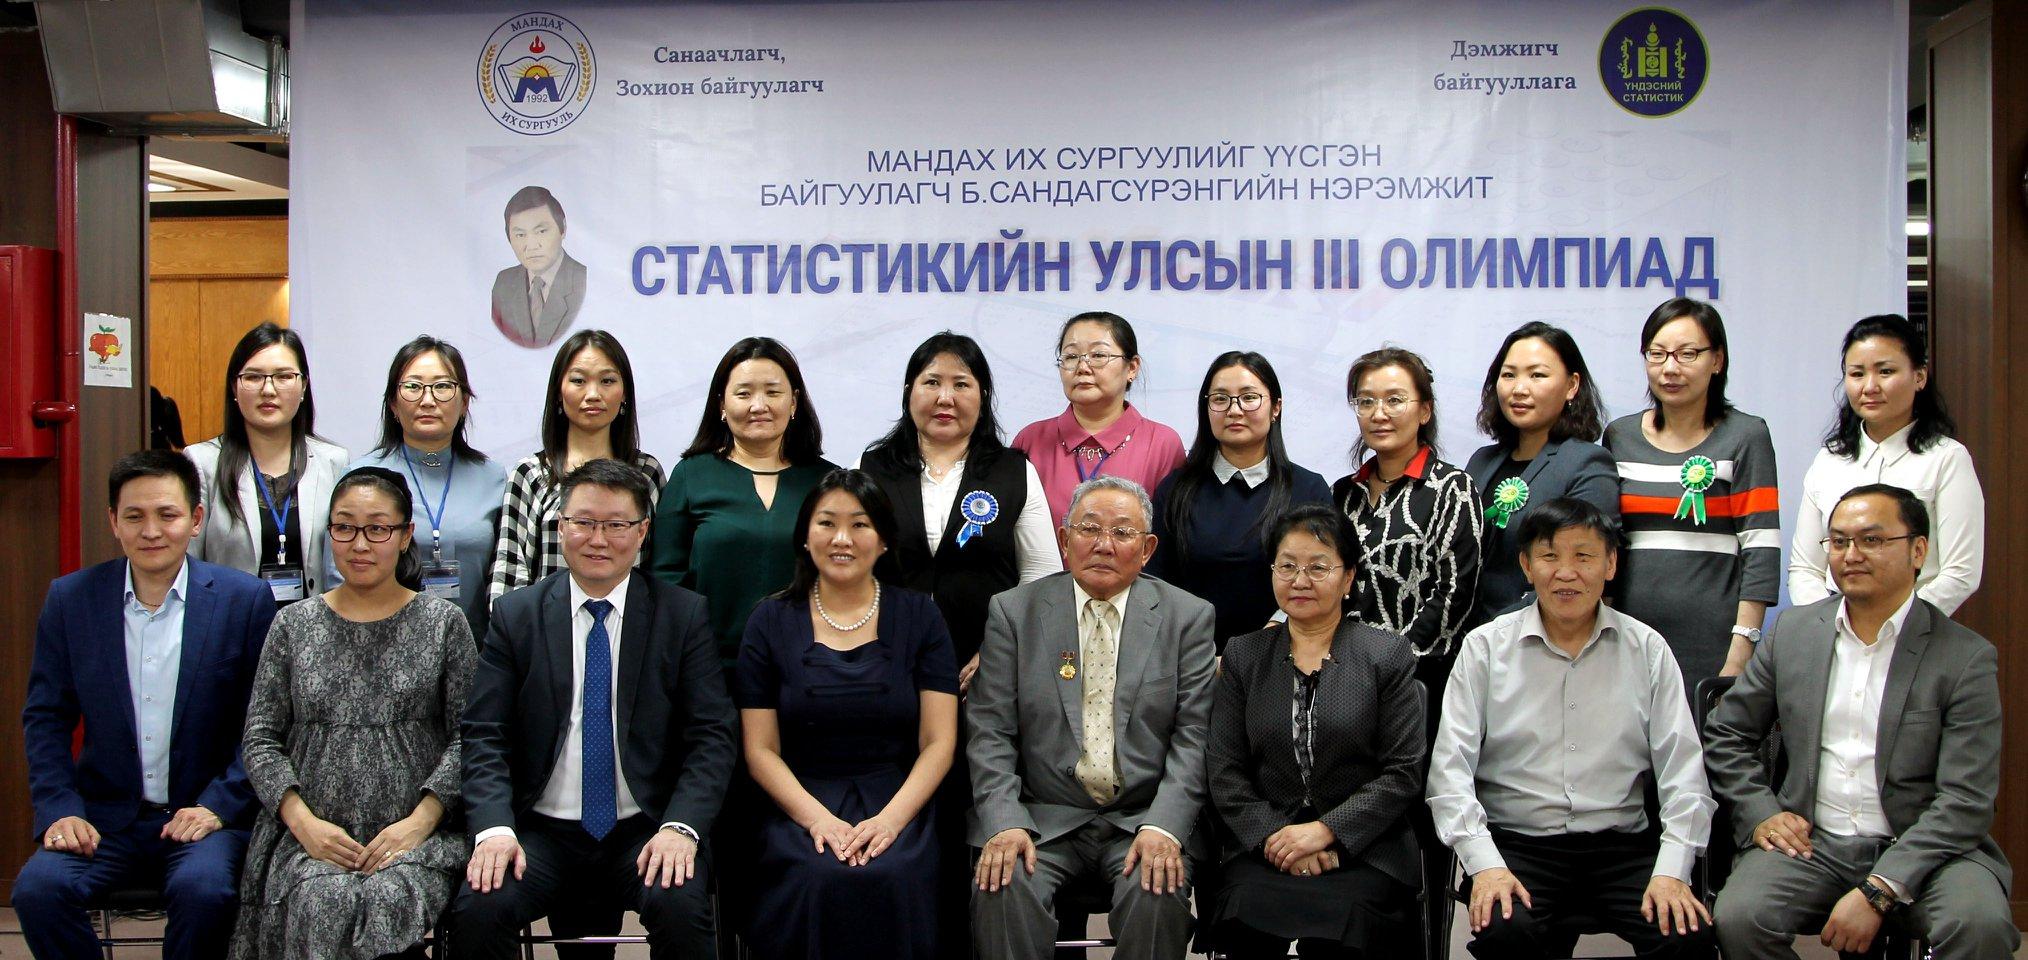 Статистикийн Улсын III олимпиадад Монгол Улсын Их Сургууль багаараа тэргүүн байр эзэллээ